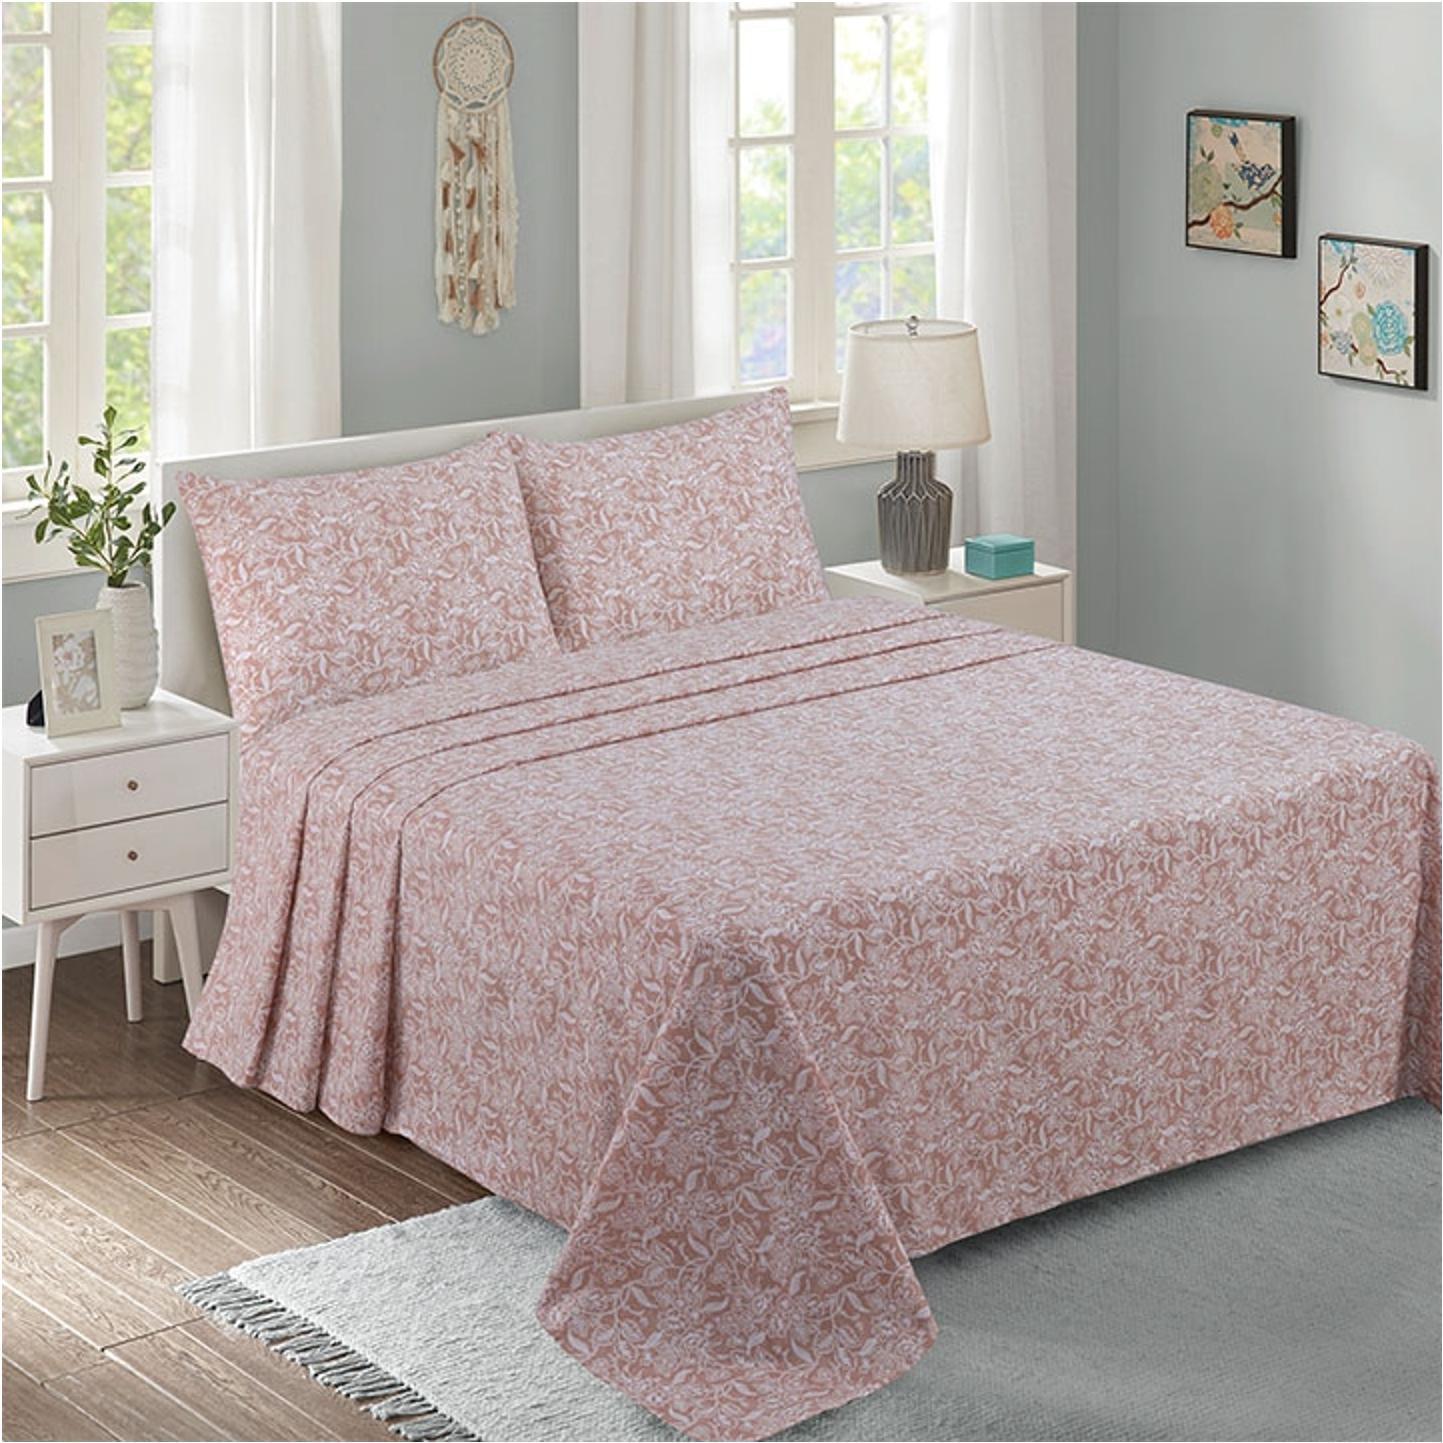 Lino Home Παπλωματοθηκη Υπέρδιπλες 220×240 Gela Pink